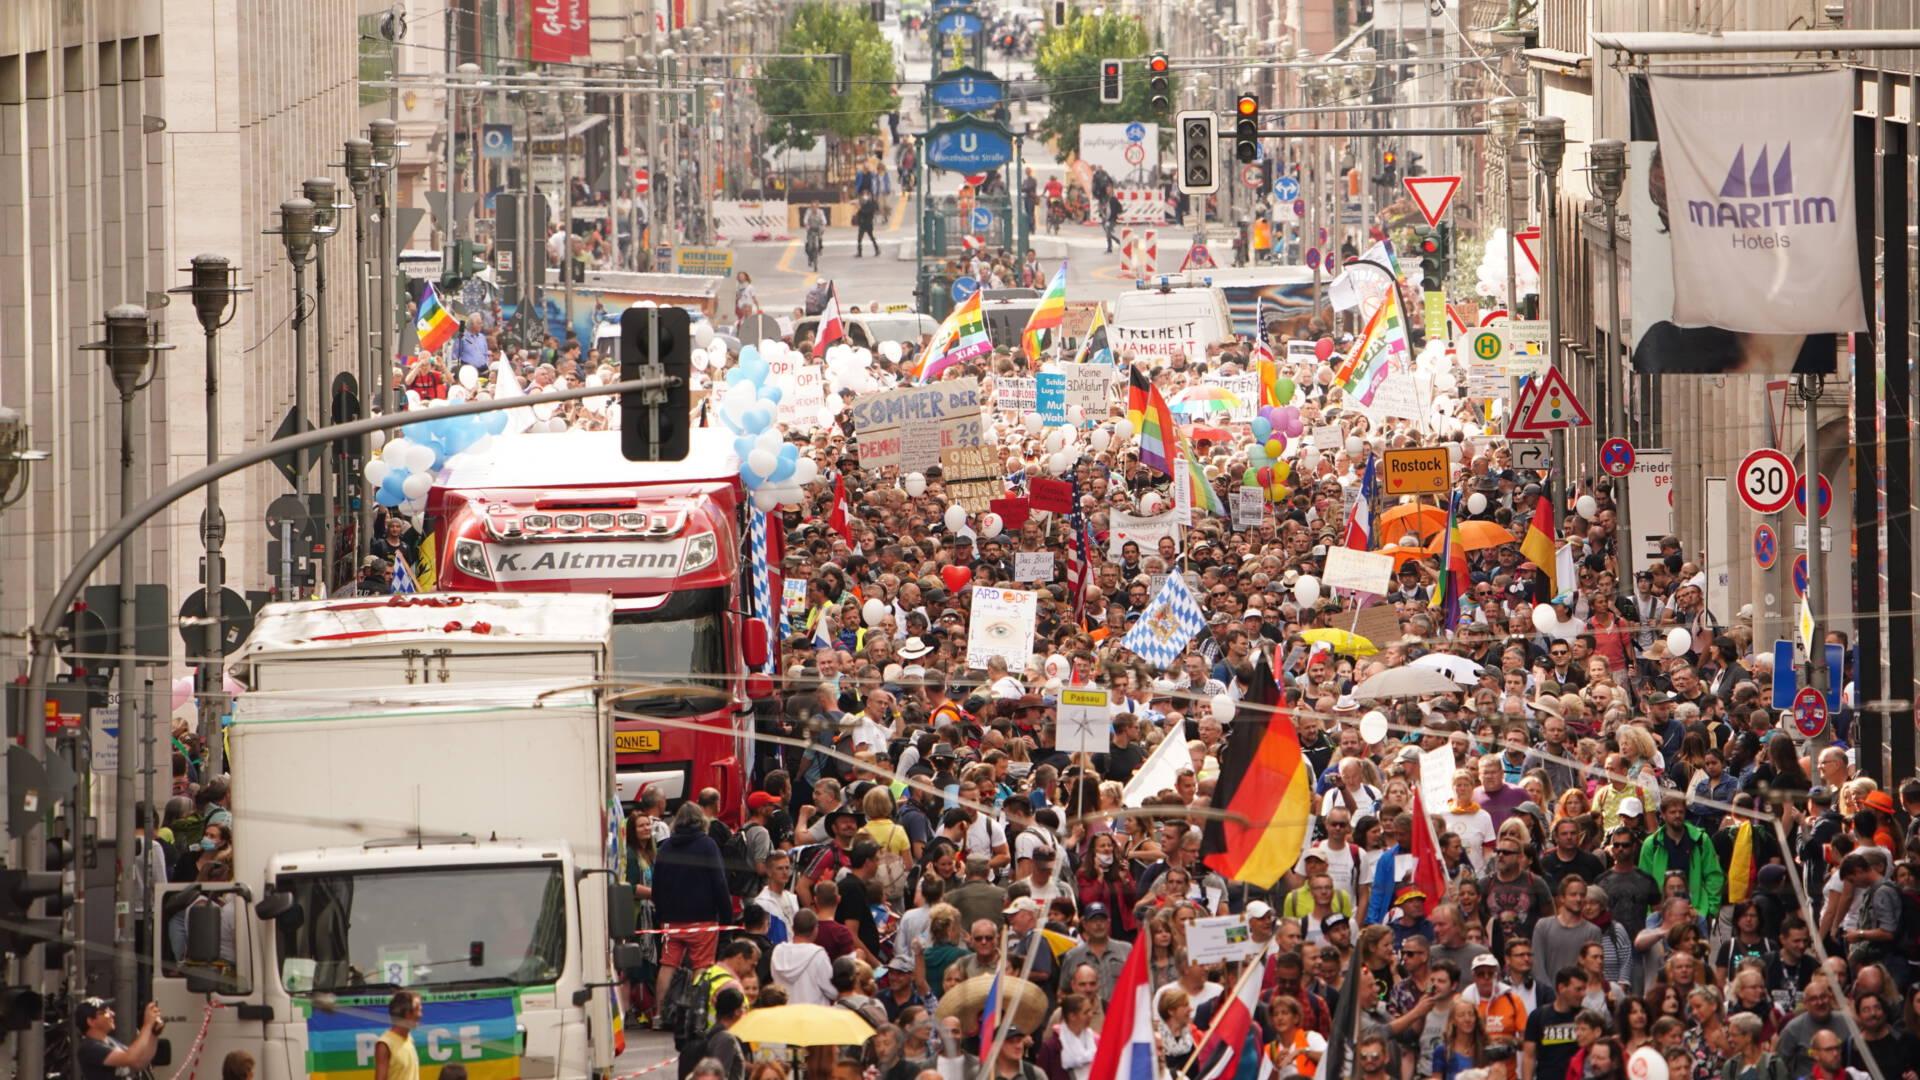 ألمانيا مستعدة لقبول 1500 مهاجر من الجزر اليونانية